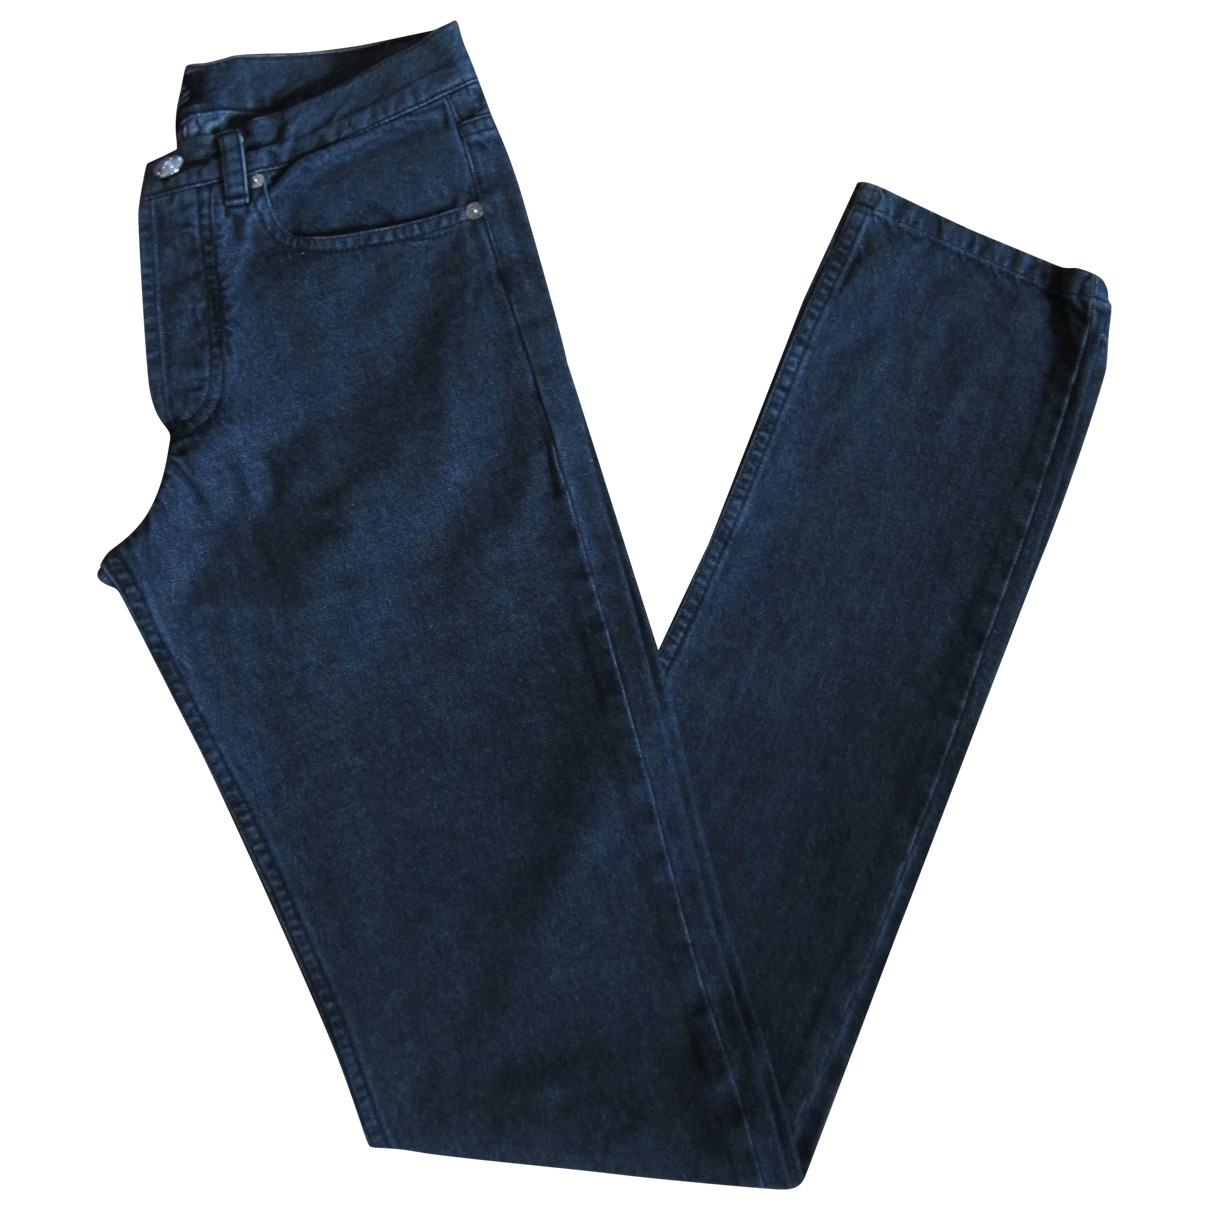 Apc Jean etroit standard Black Cotton Jeans for Women 26 US